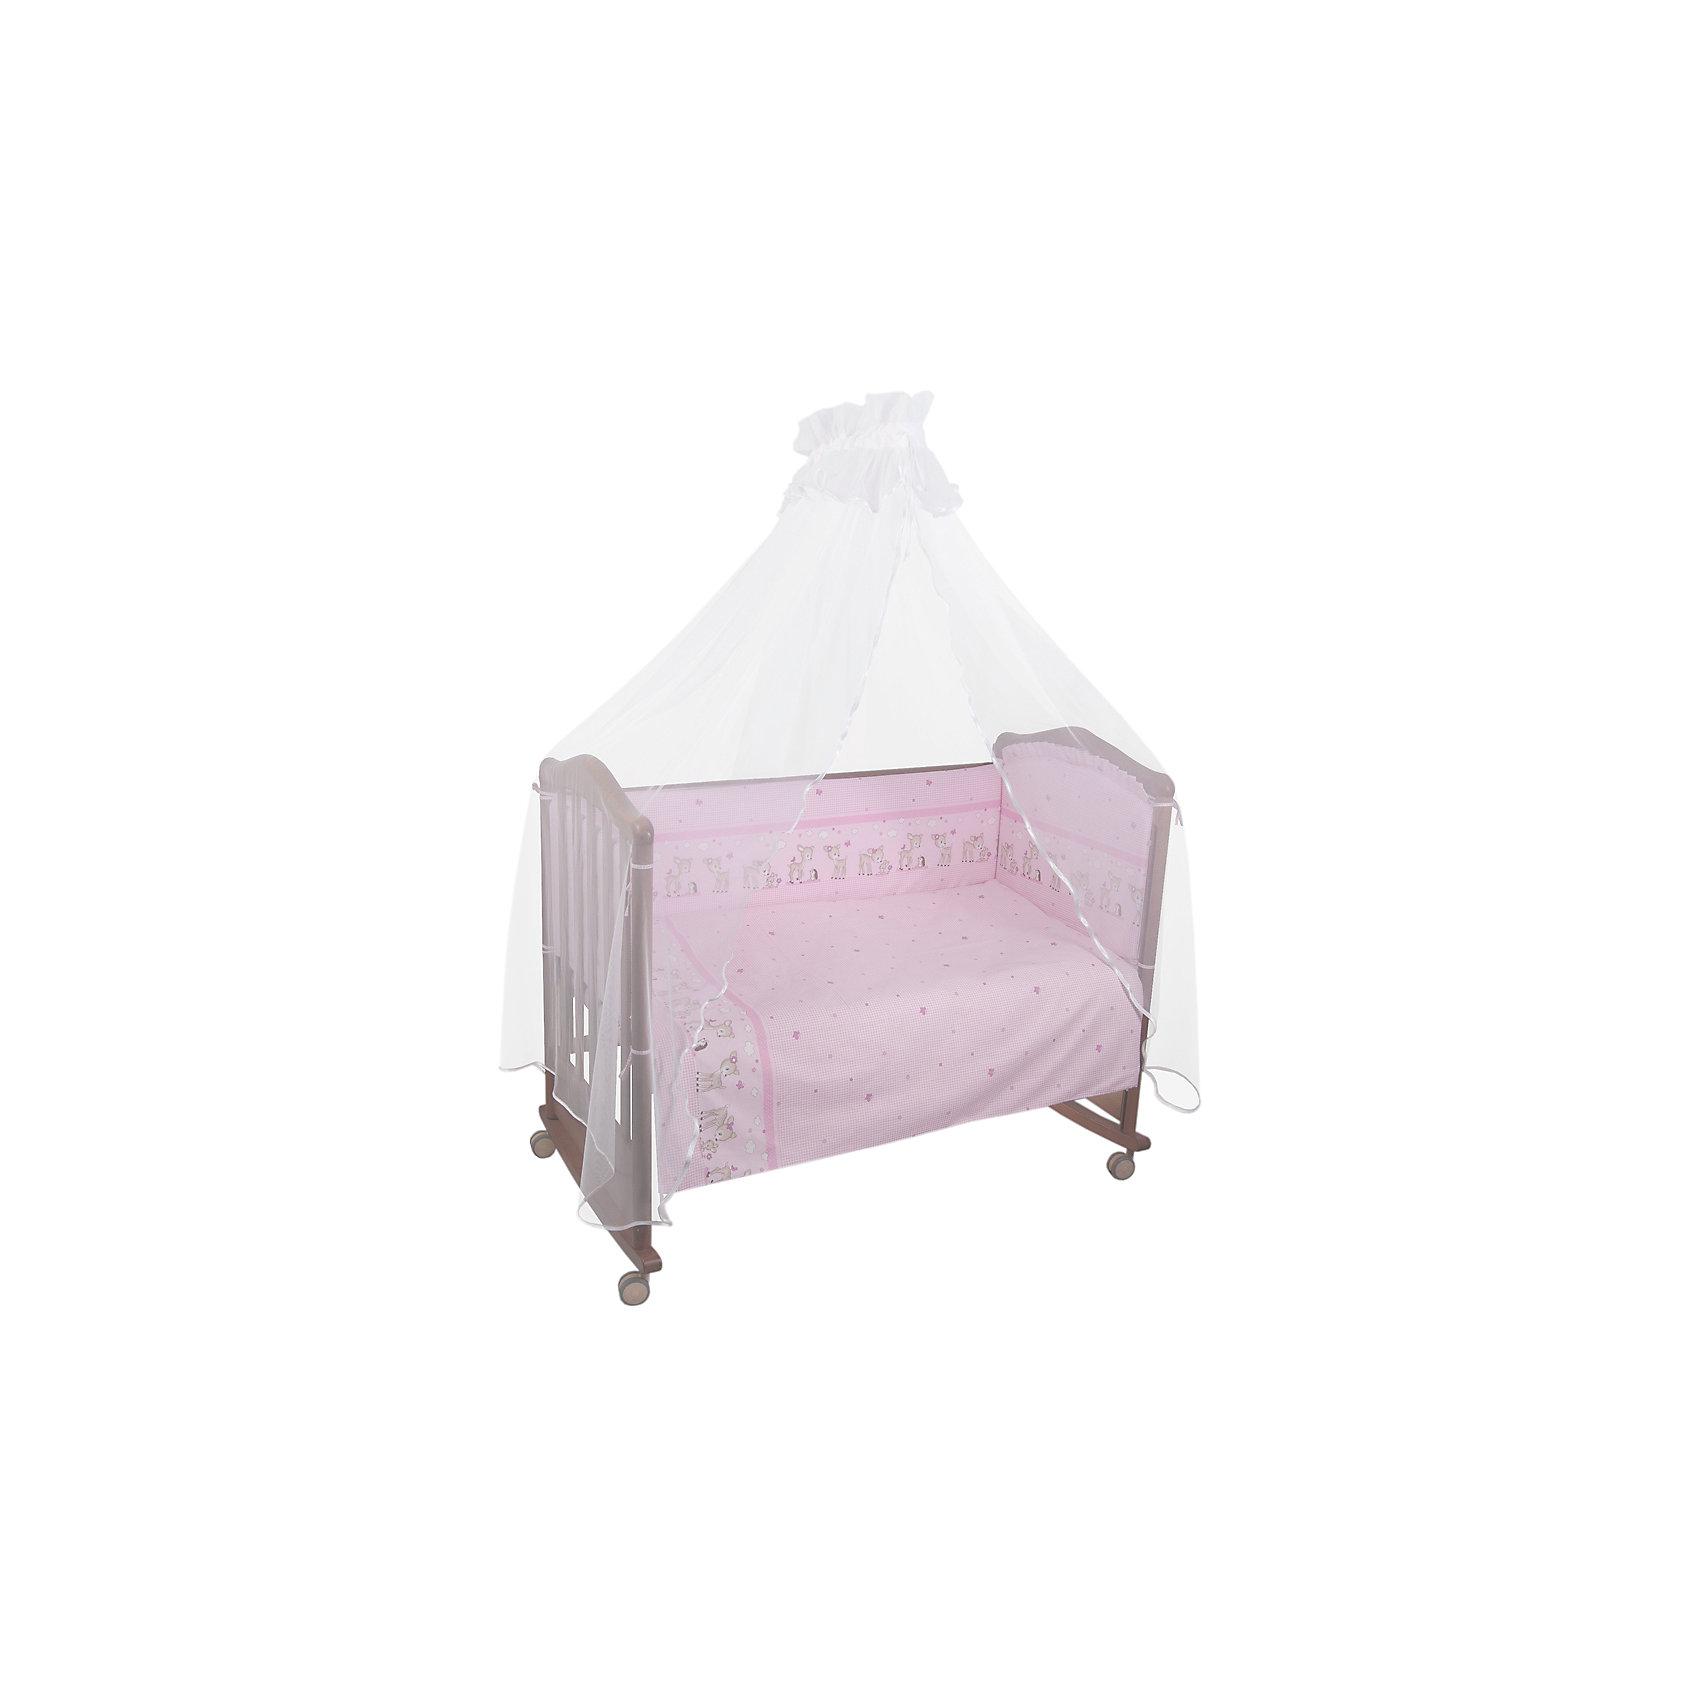 Сонный гномик Постельное белье Оленята 3 пред., Сонный гномик, розовый сонный гномик постельное белье считалочка 7 пред сонный гномик бежевый